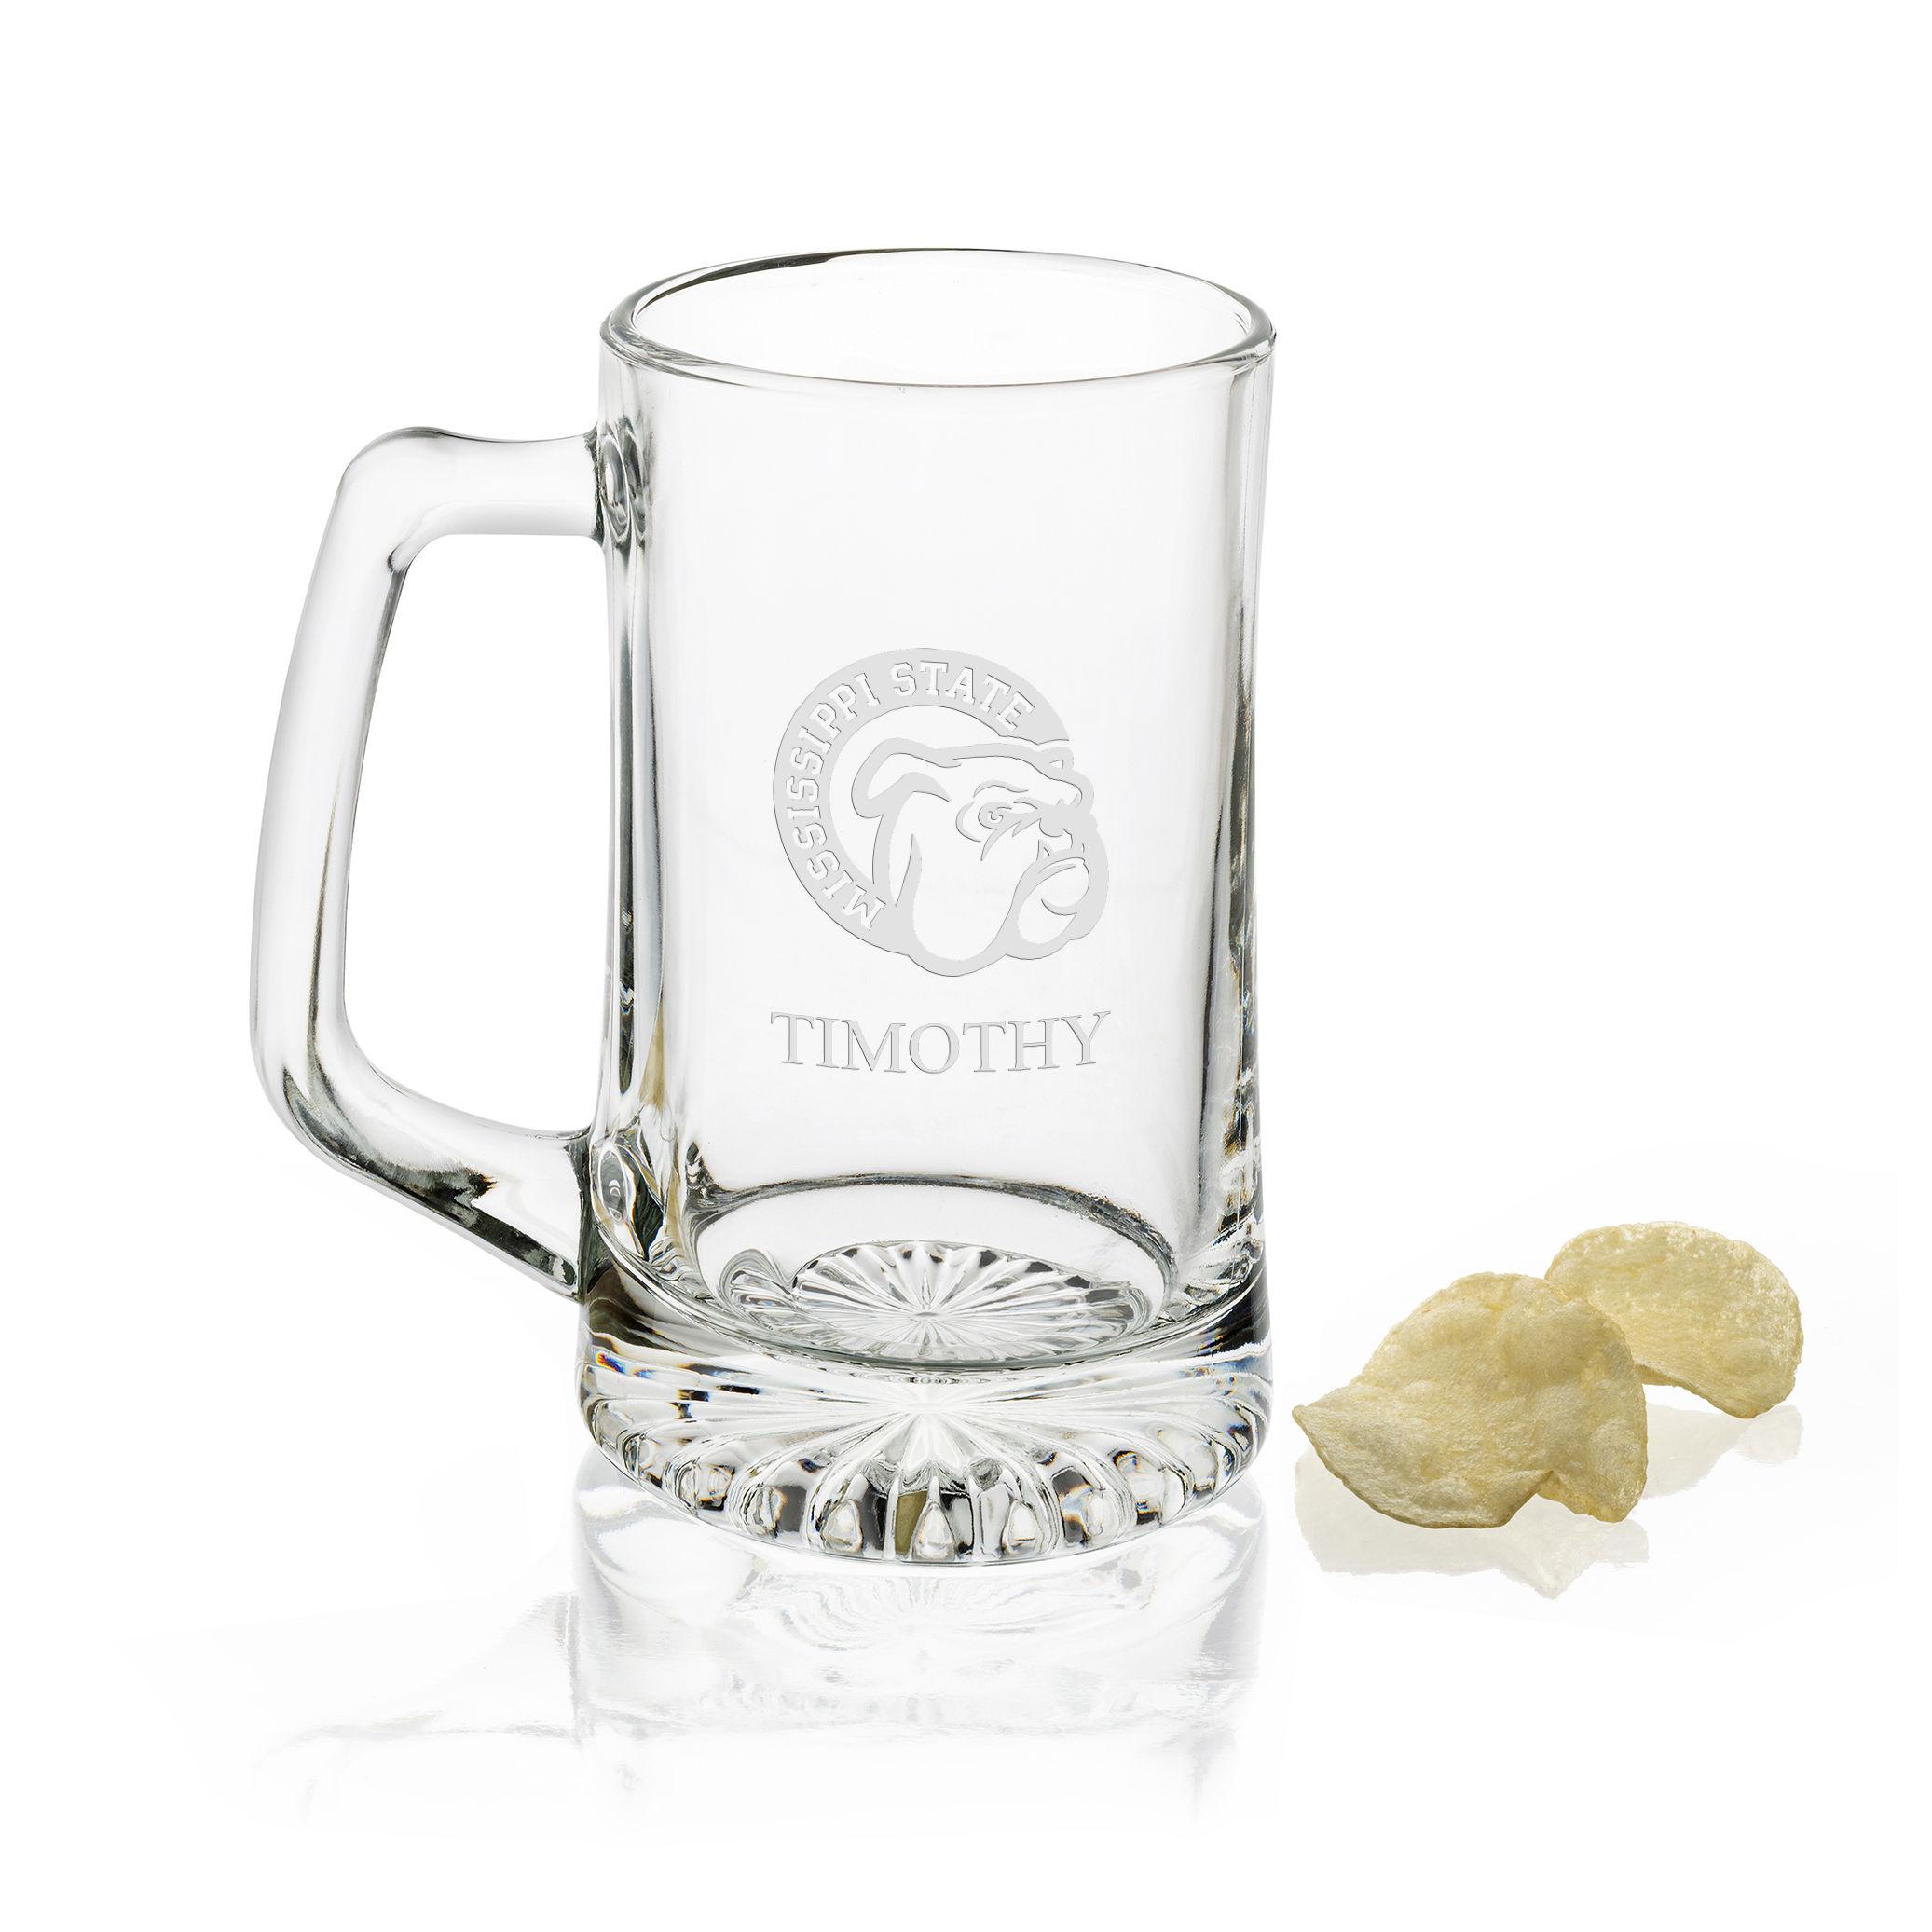 Mississippi State 25 oz Beer Mug